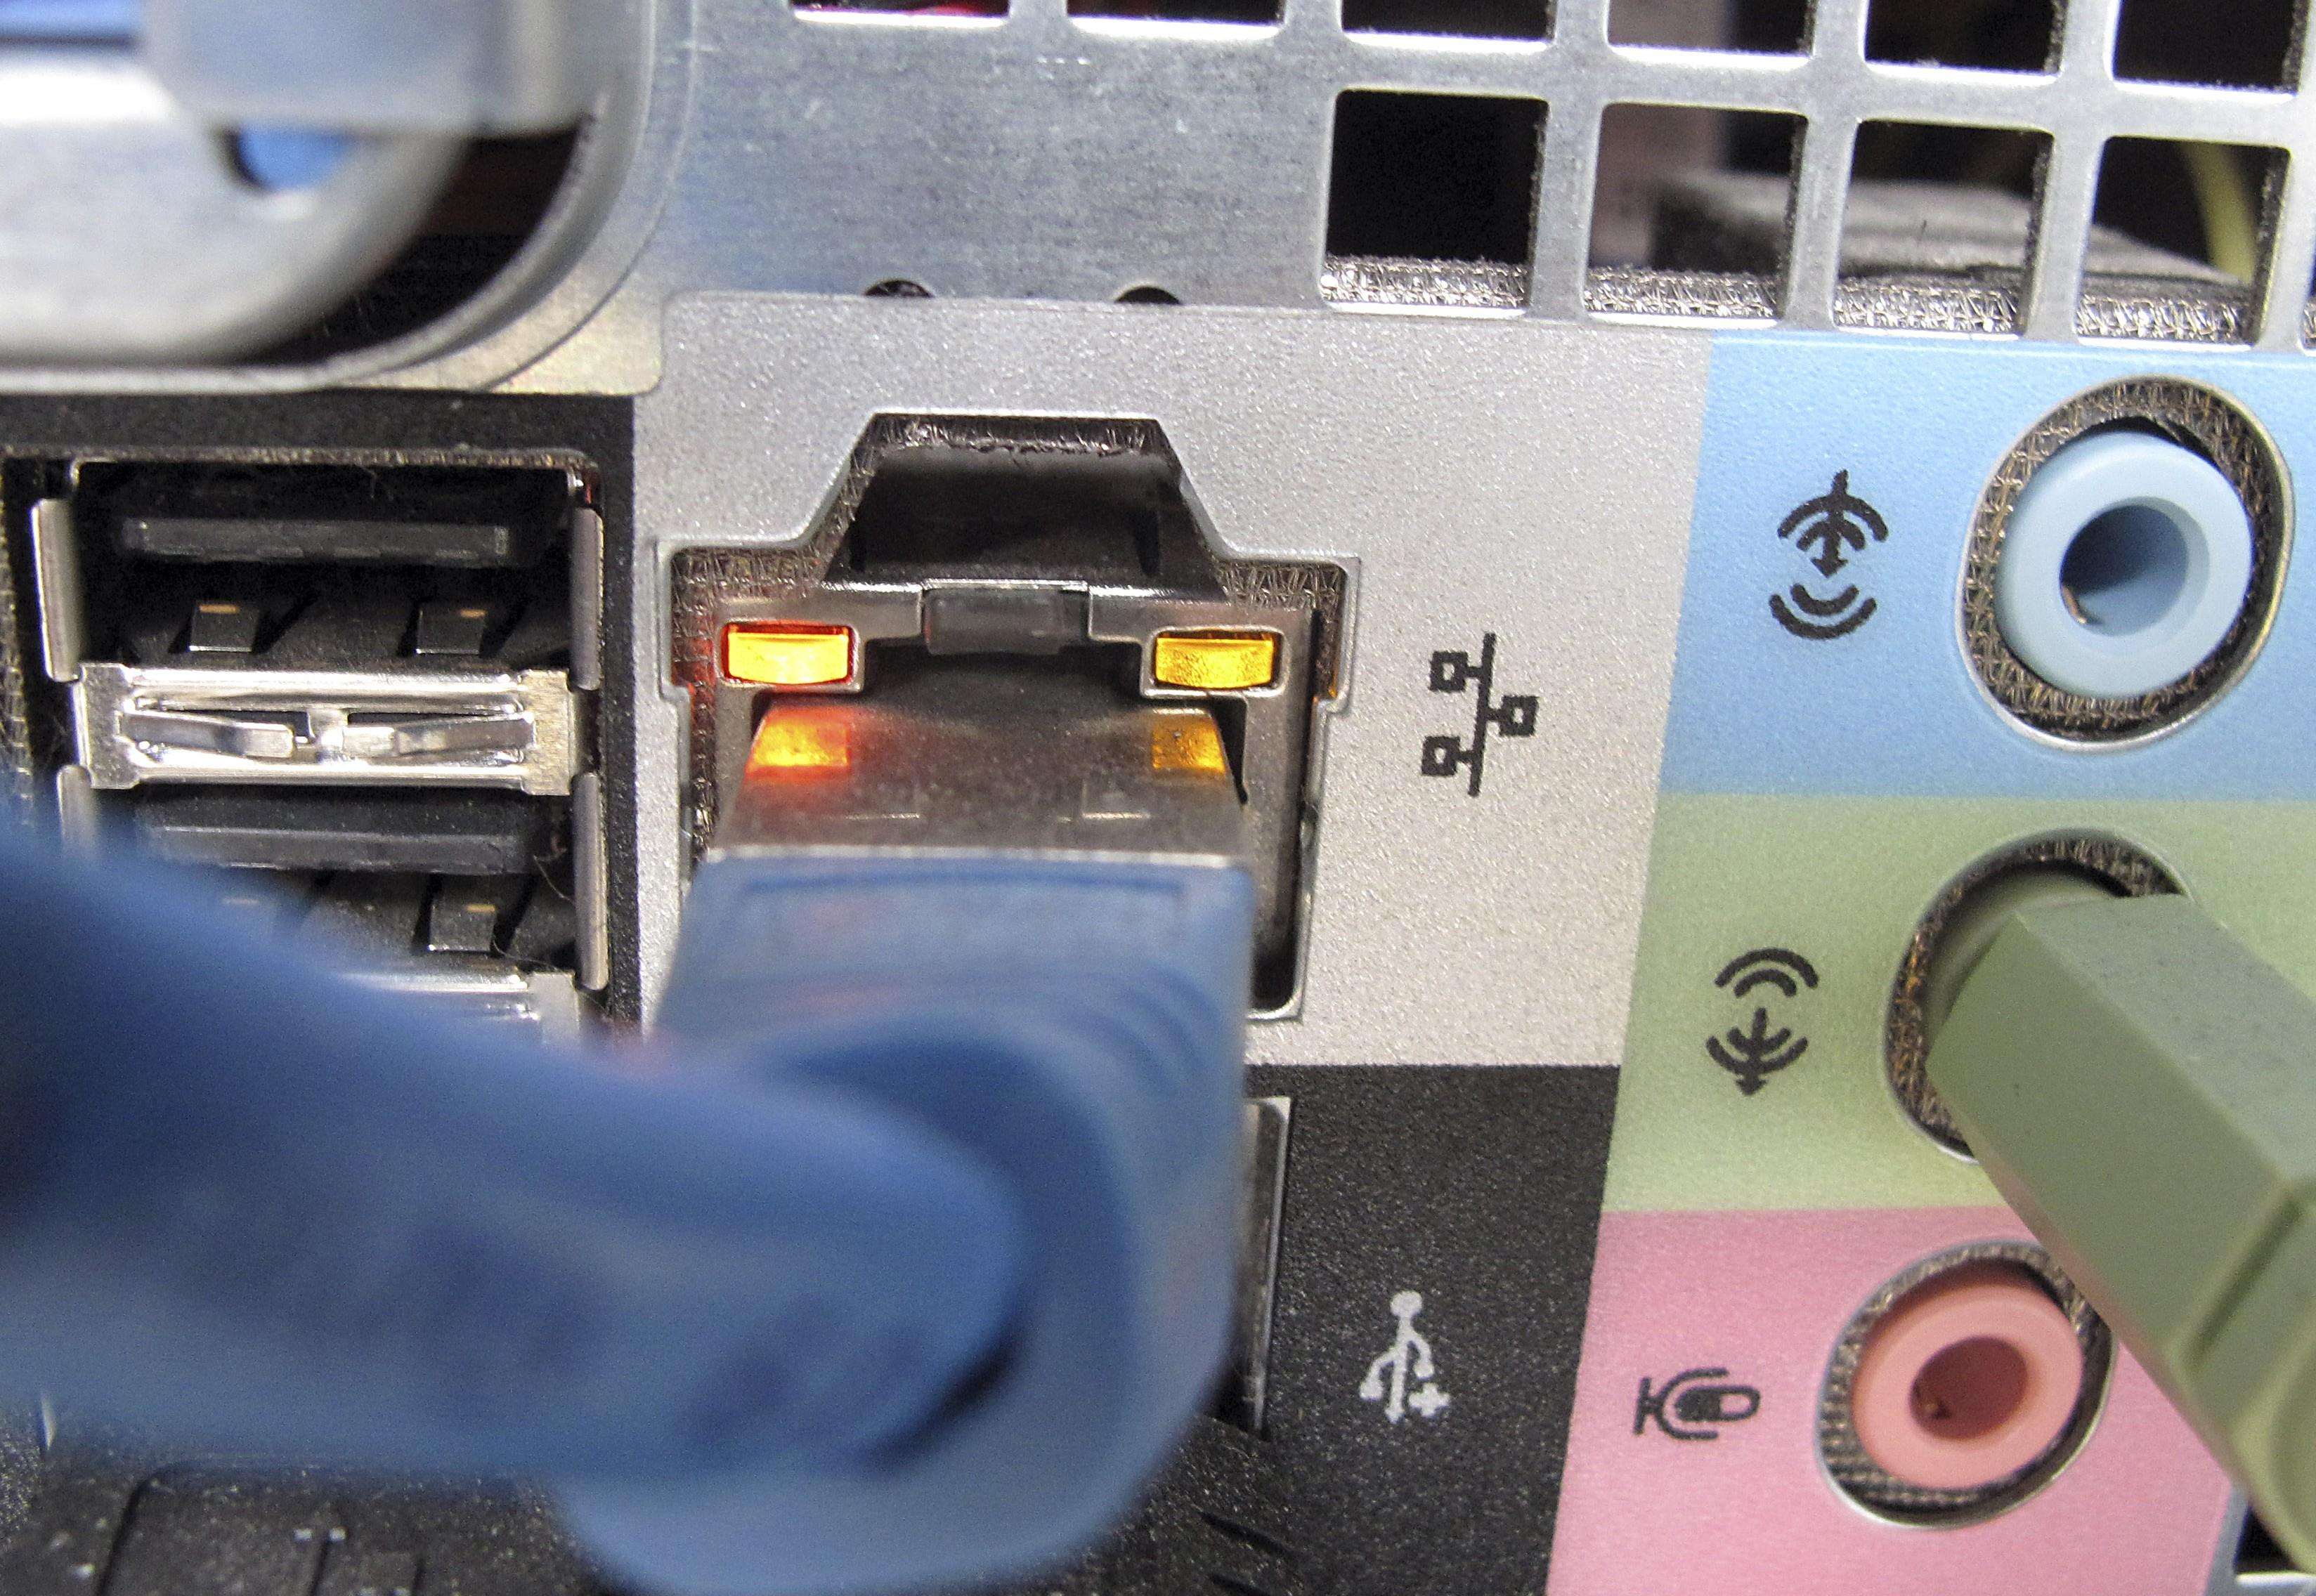 Ein Netzwerkkabel, fotografiert am Donnerstag, 8.Oktober 2009, in Duesseldorf. Nach der Ausspaehung Tausender E-Mail-Konten mahnen Experten eindringlich zu mehr Sorgfalt im Umgang mit elektronischen Daten. (AP Photo/Frank Augstein) --- A network cable, taken on Oct. 8,2009, in Duesseldorf, Germany. (AP Photo/Frank Augstein)